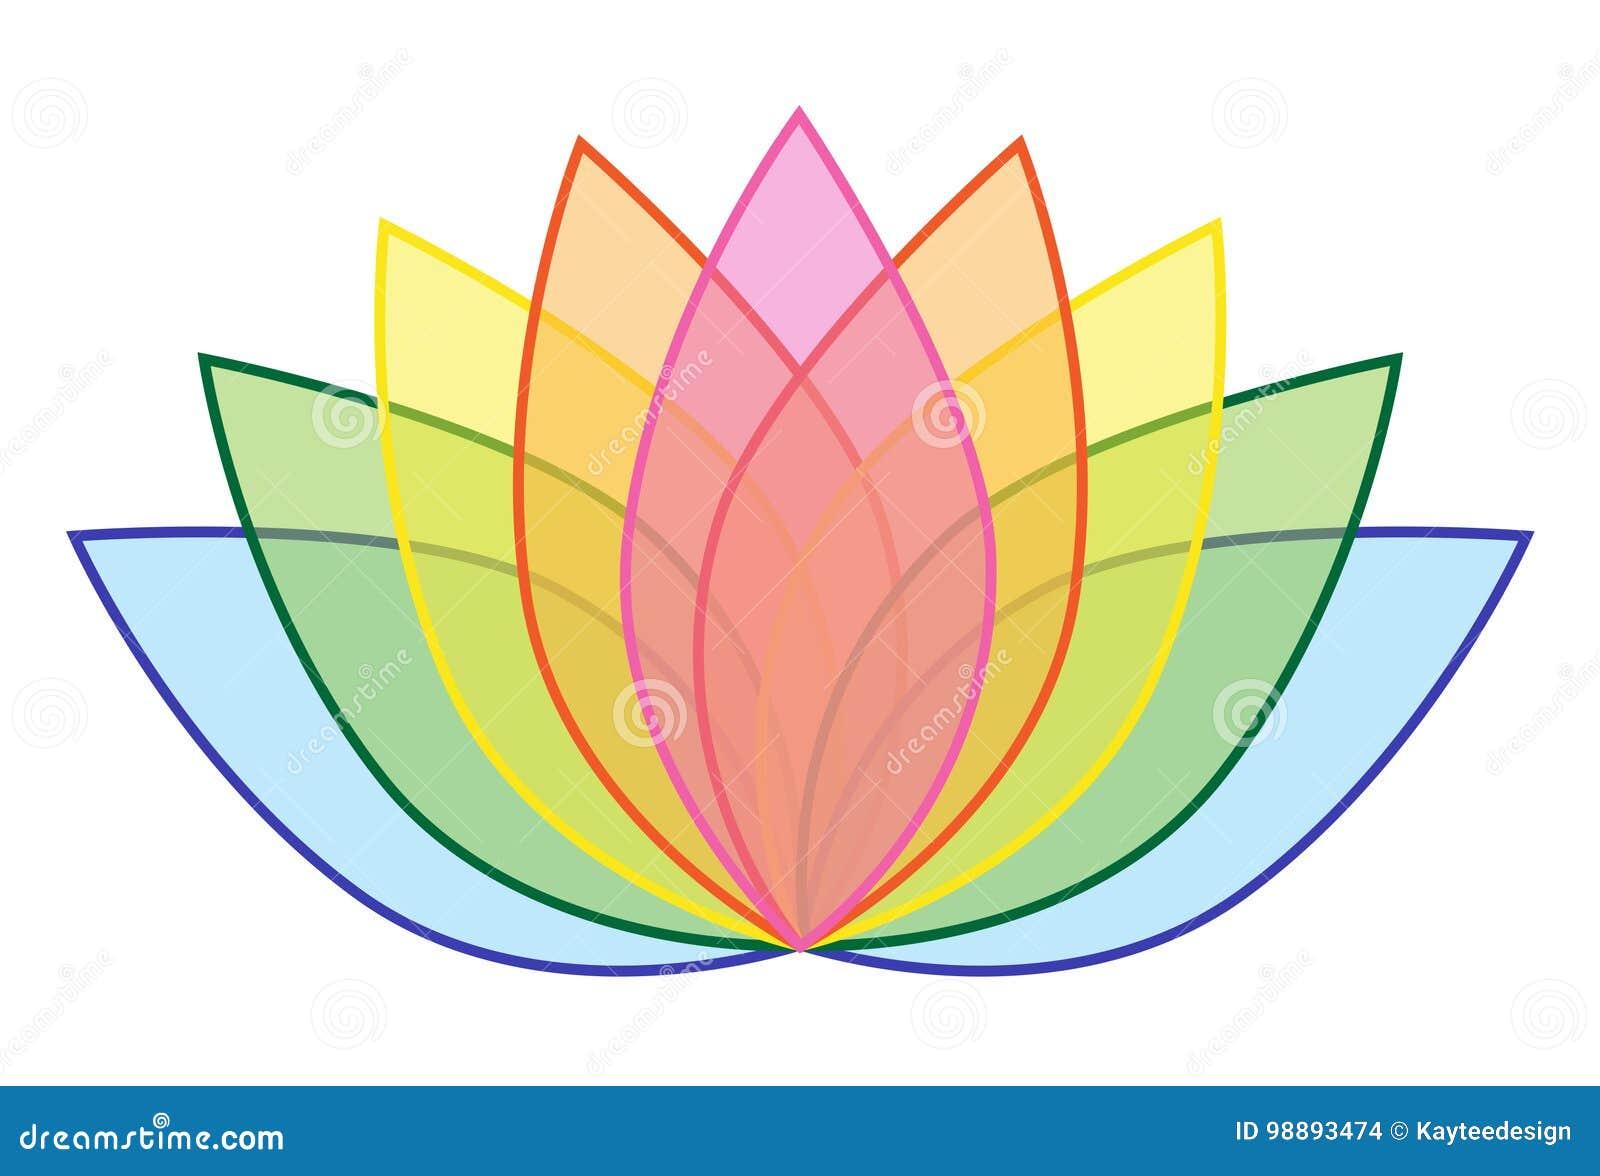 Arco ris lotus flower icon logo na ilustrao branca 1 do fundo download arco ris lotus flower icon logo na ilustrao branca 1 do fundo ilustrao do ccuart Choice Image